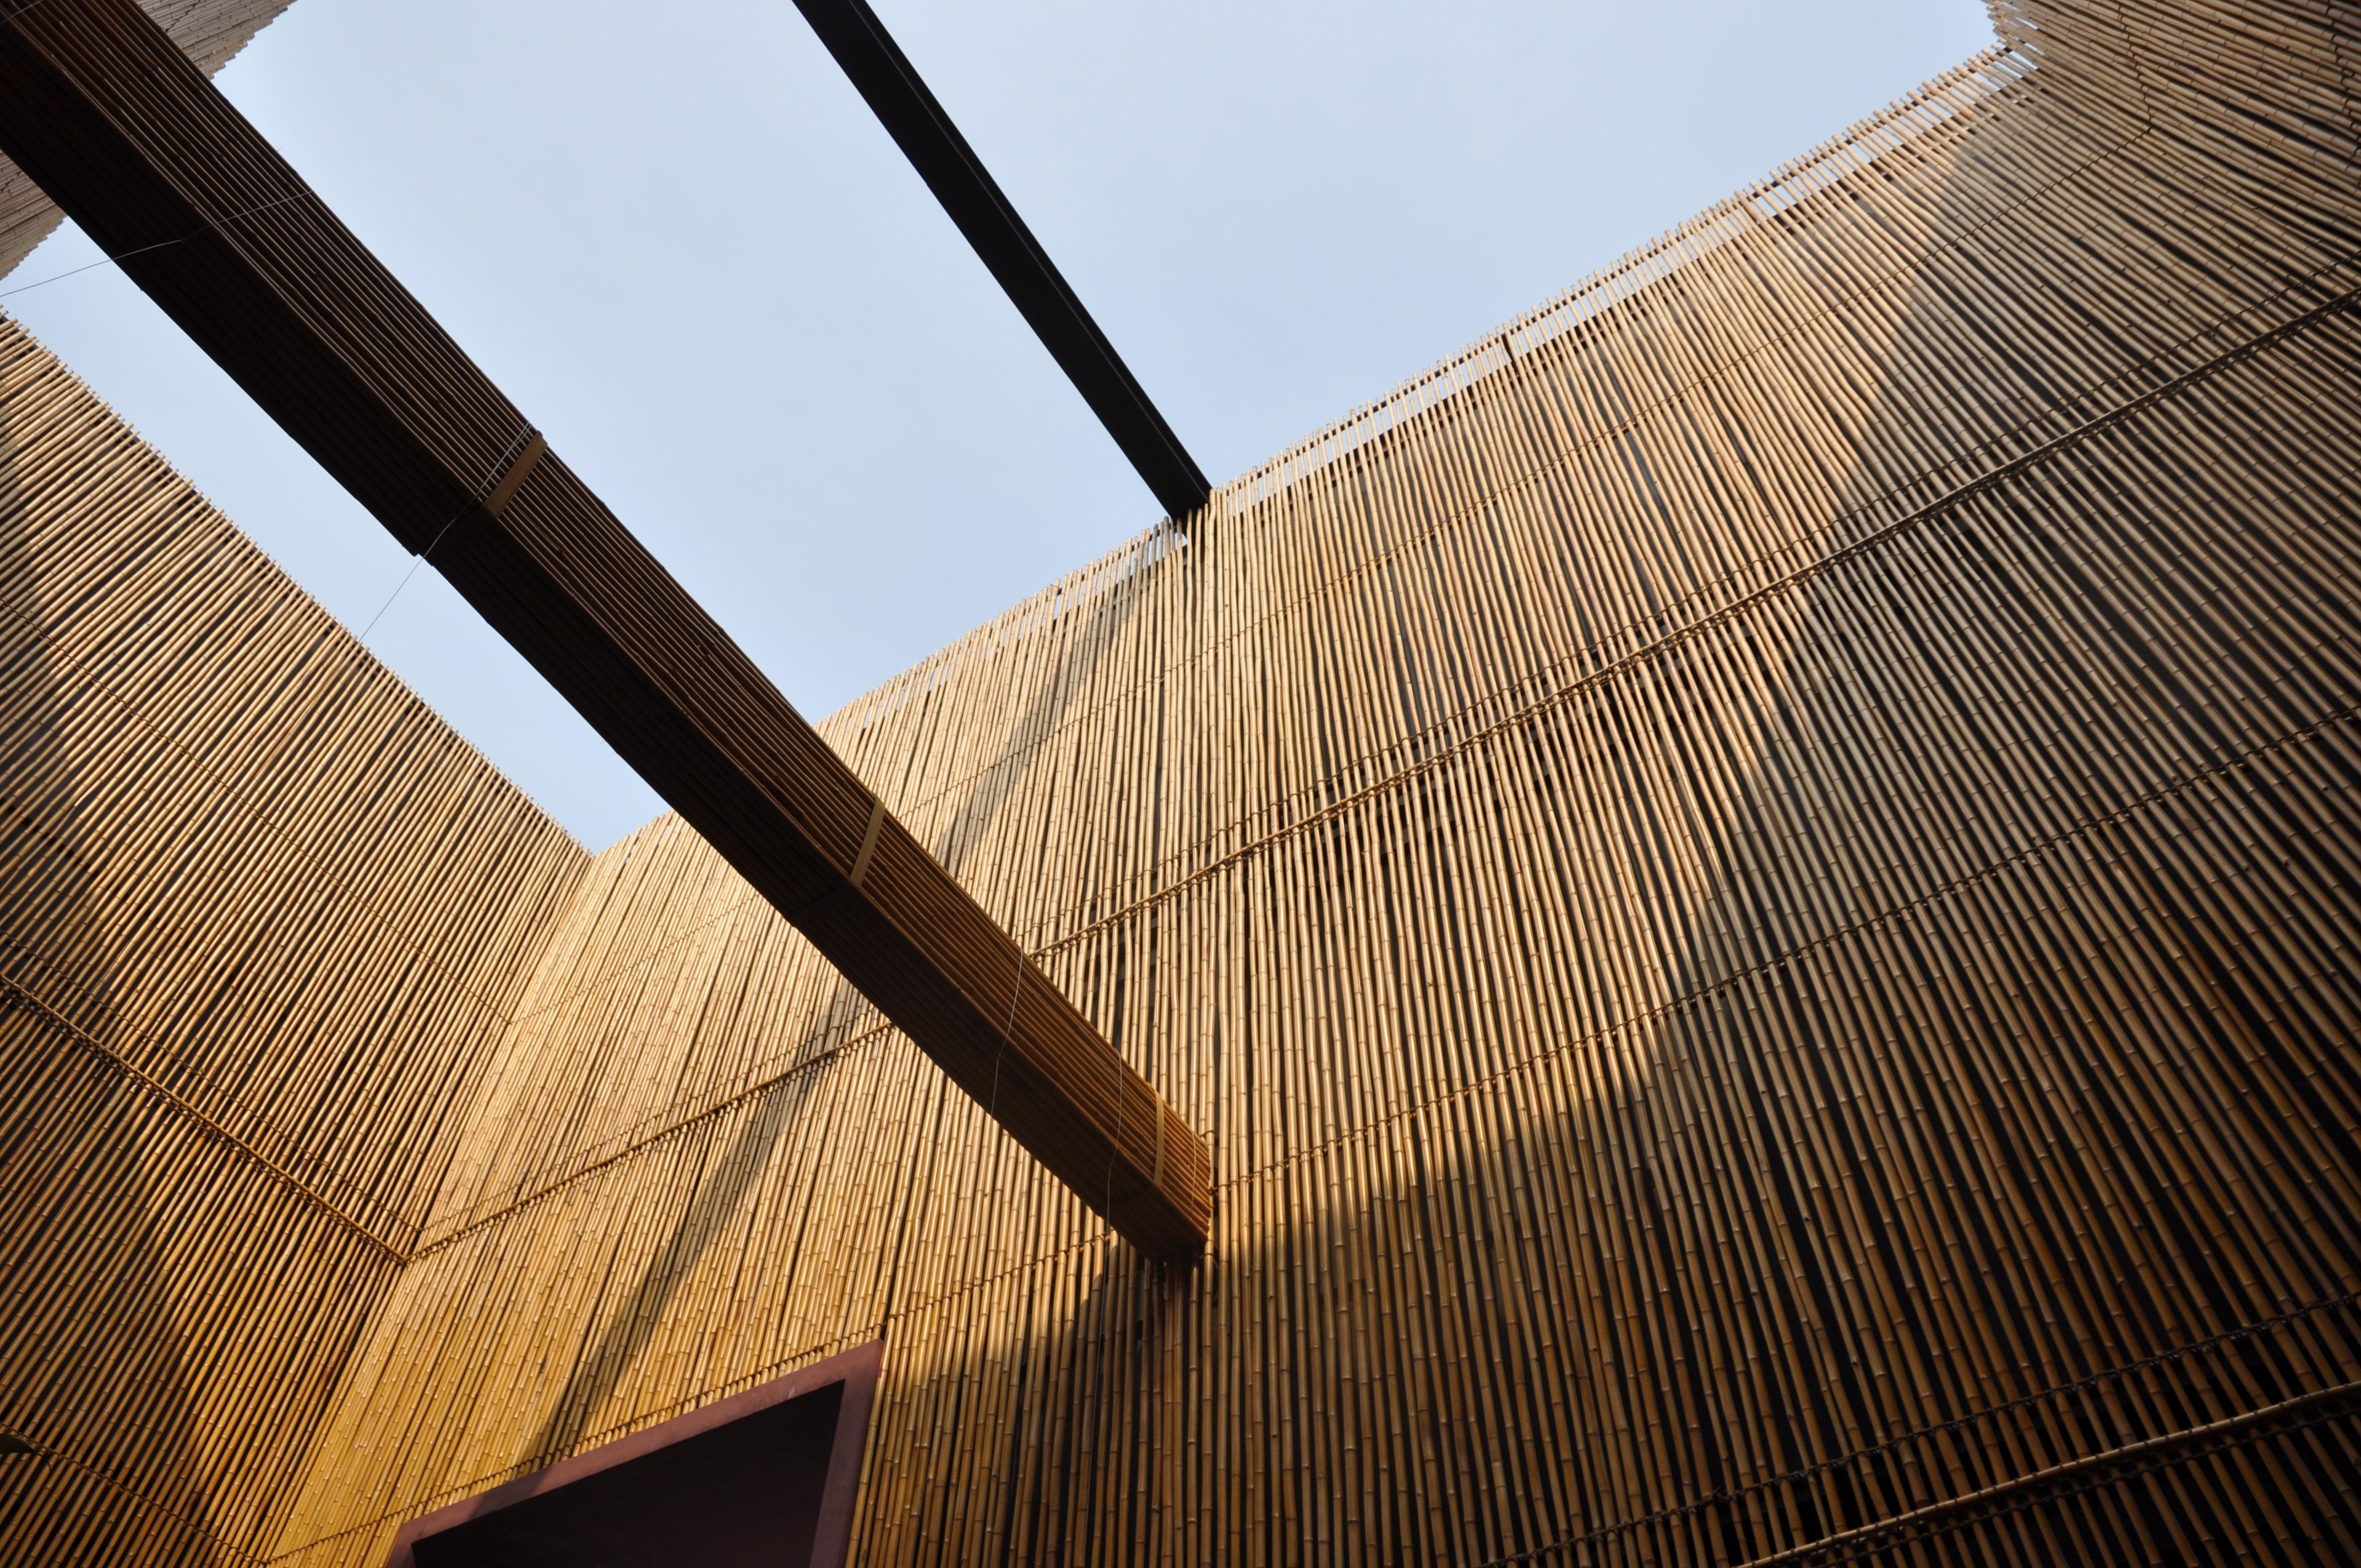 Kostenlose foto : die Architektur, Himmel, Holz, Sonnenschein ...